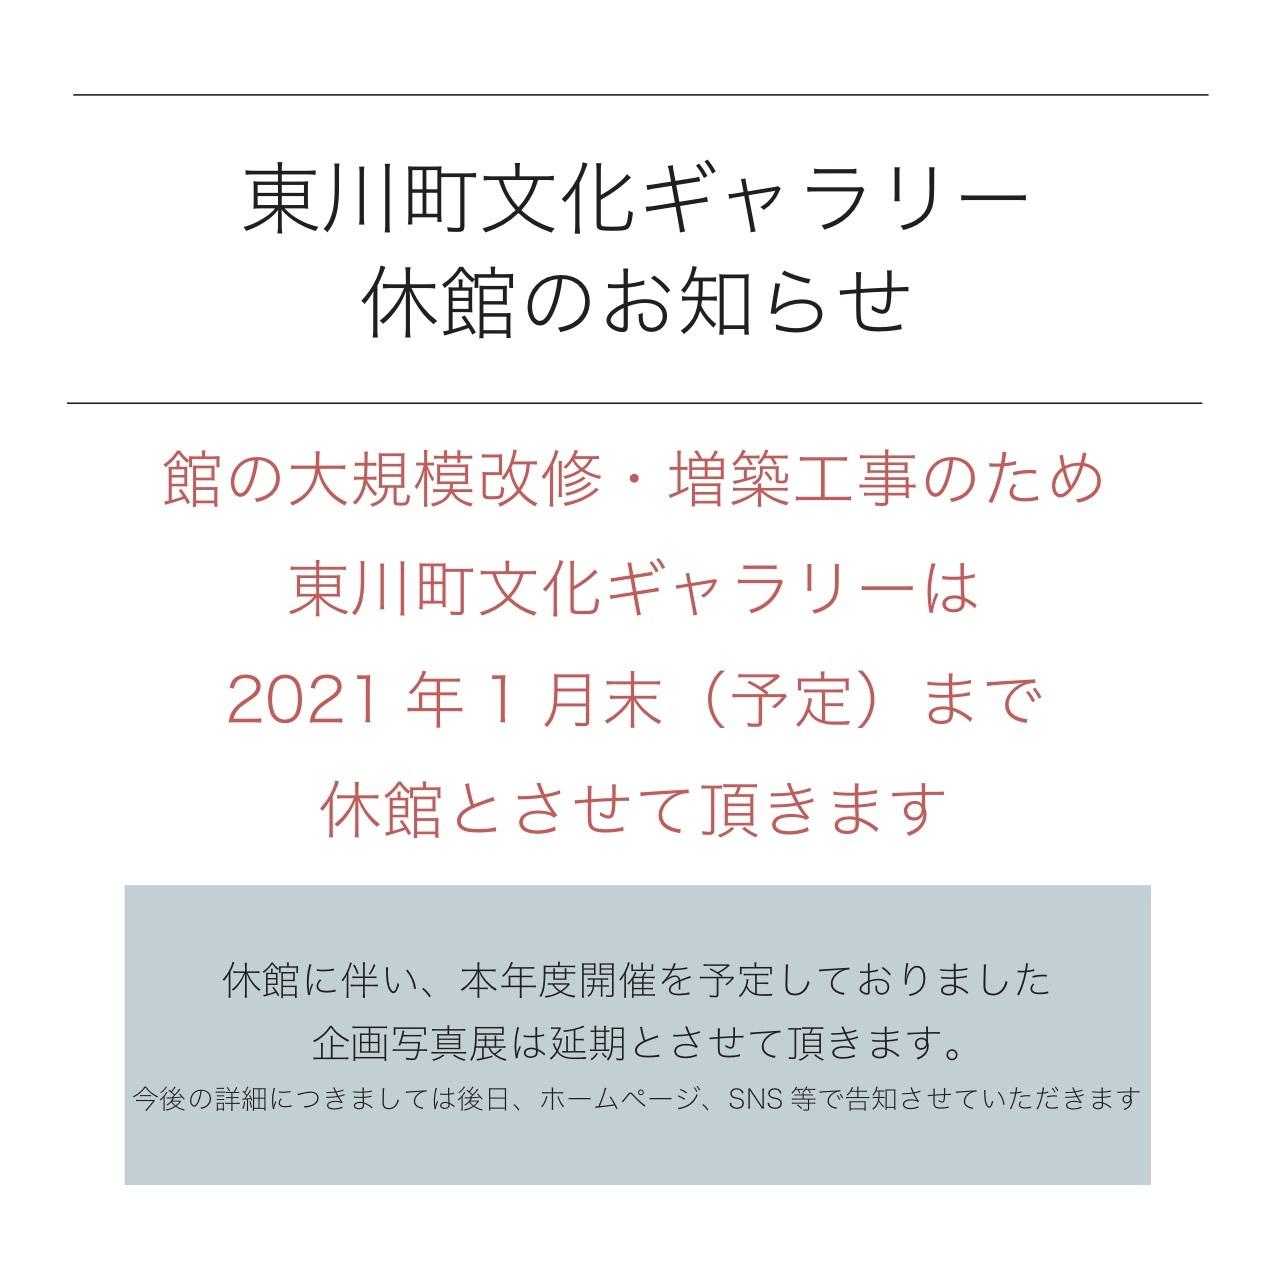 東川町文化ギャラリー休館のお知らせ_b0187229_15083339.jpg